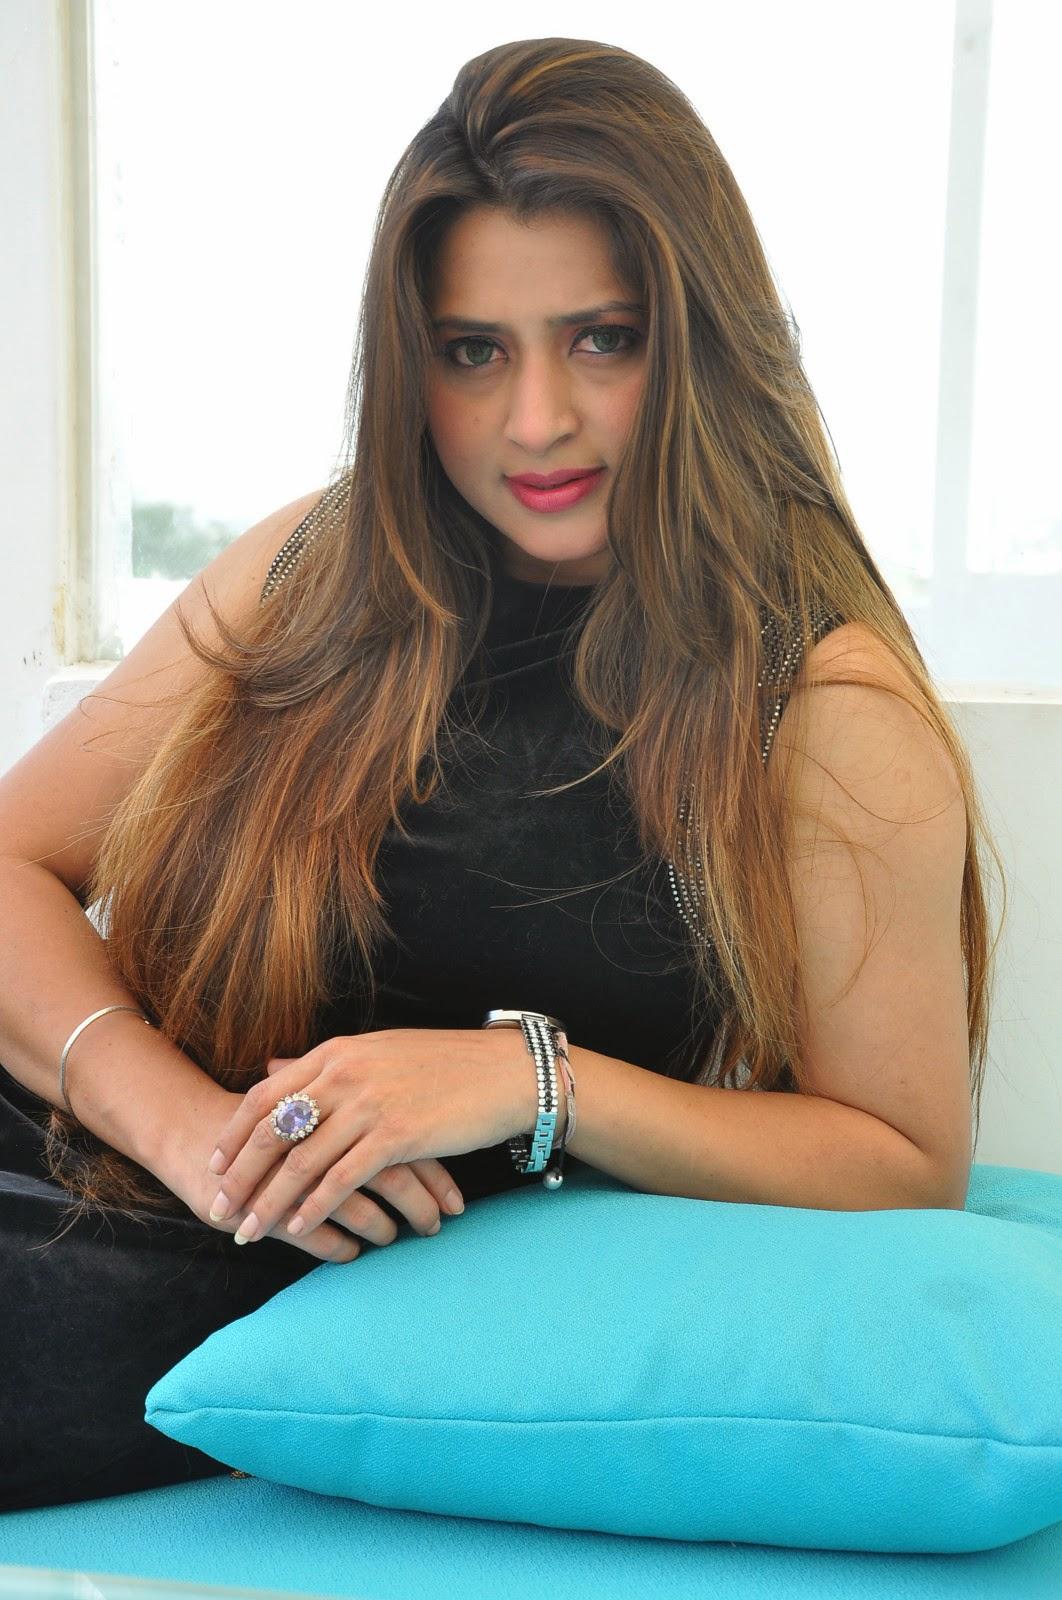 Farah khan glamorous photos-HQ-Photo-14